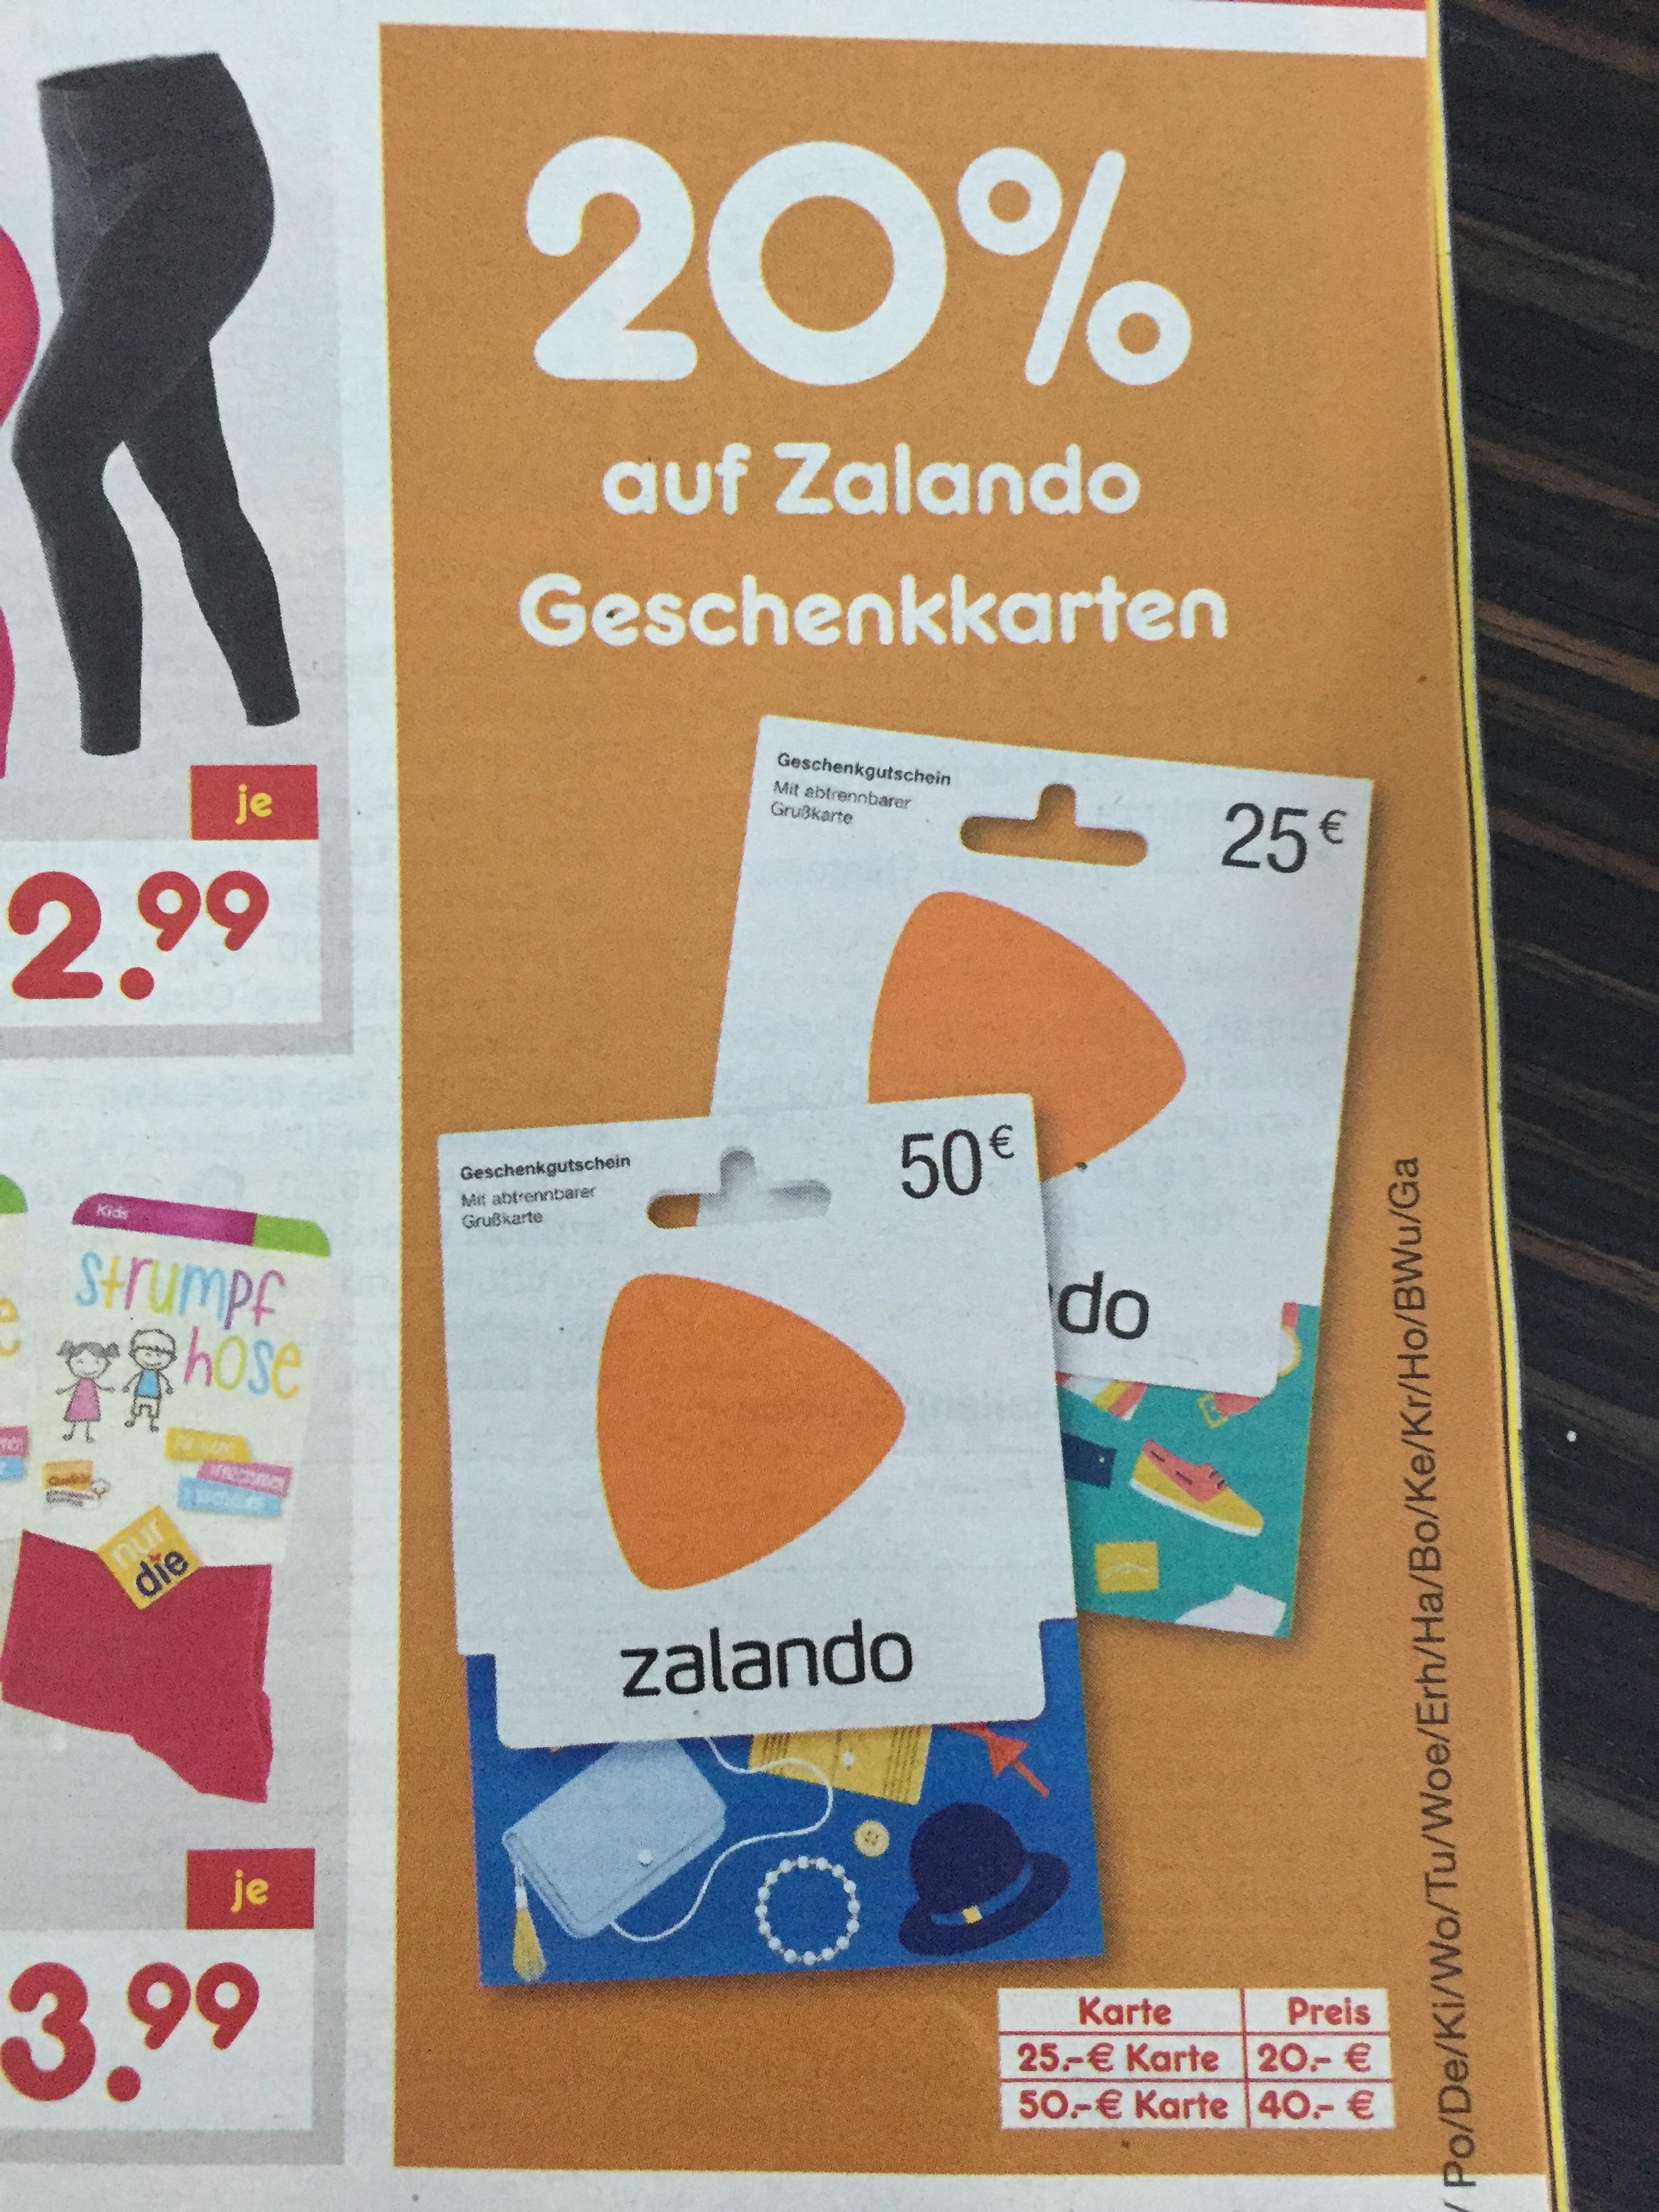 *Ab sofort* 20% auf Zalando Geschenkkarten bei Netto MD